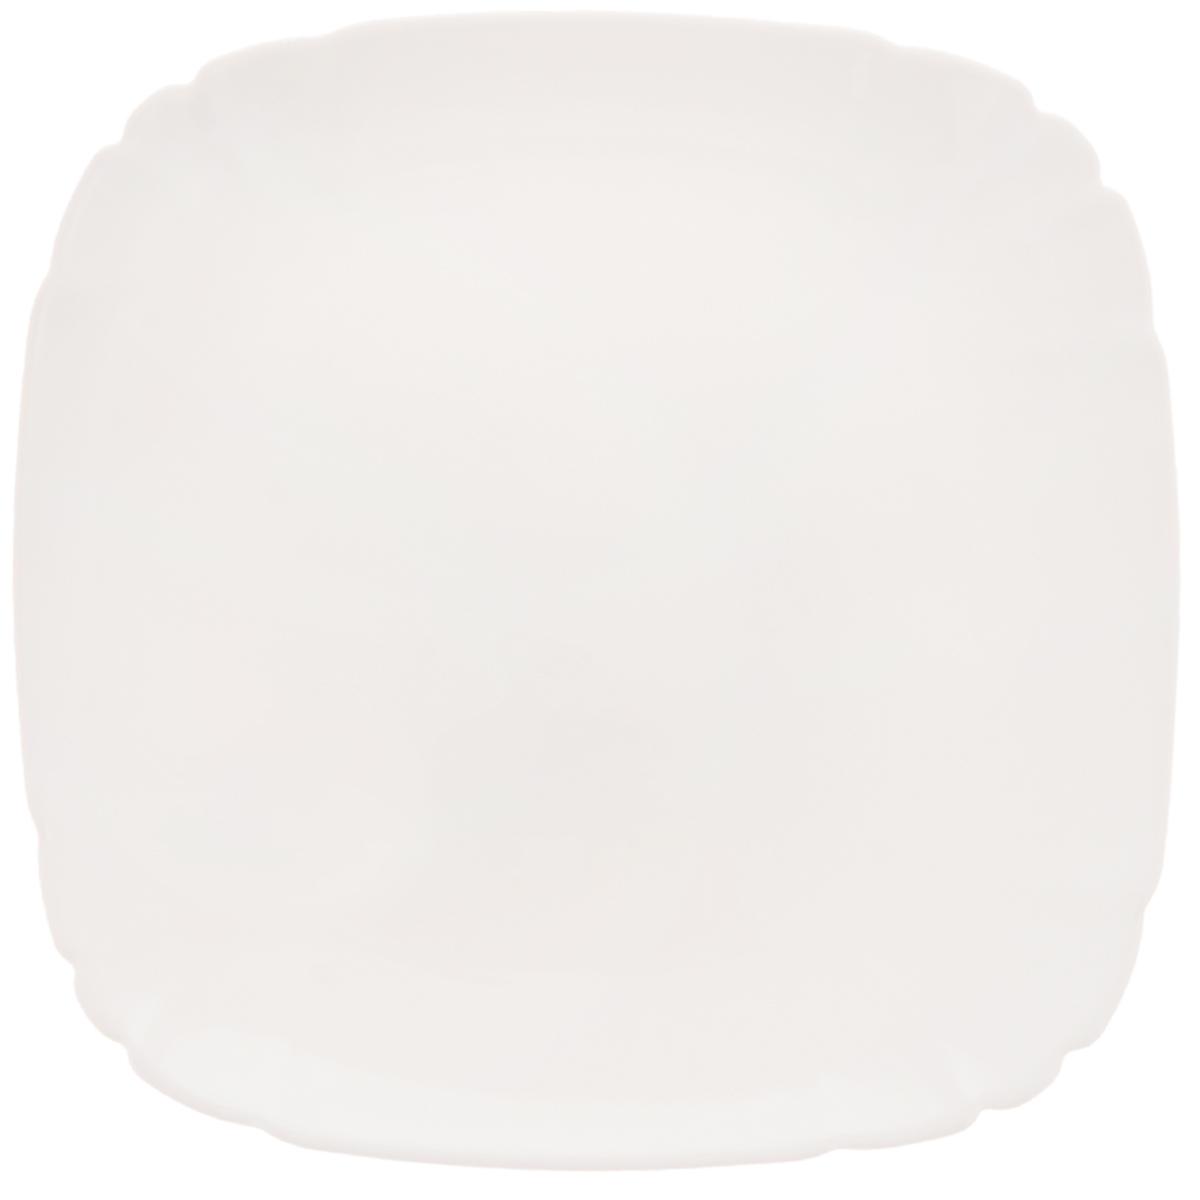 Тарелка десертная Luminarc Lotusia, 20,5 х 20,5 смH1505Десертная тарелка Luminarc Lotusia выполнена из высококачественного стекла. Изделие сочетает в себе изысканный дизайн с максимальной функциональностью. Она прекрасно впишется в интерьер вашей кухни и станет достойным дополнением к кухонному инвентарю. Десертная тарелка Luminarc Lotusia подчеркнет прекрасный вкус хозяйки и станет отличным подарком. Размер тарелки (по верхнему краю): 20,5 х 20,5 см. Высота стенки: 1,7 см.